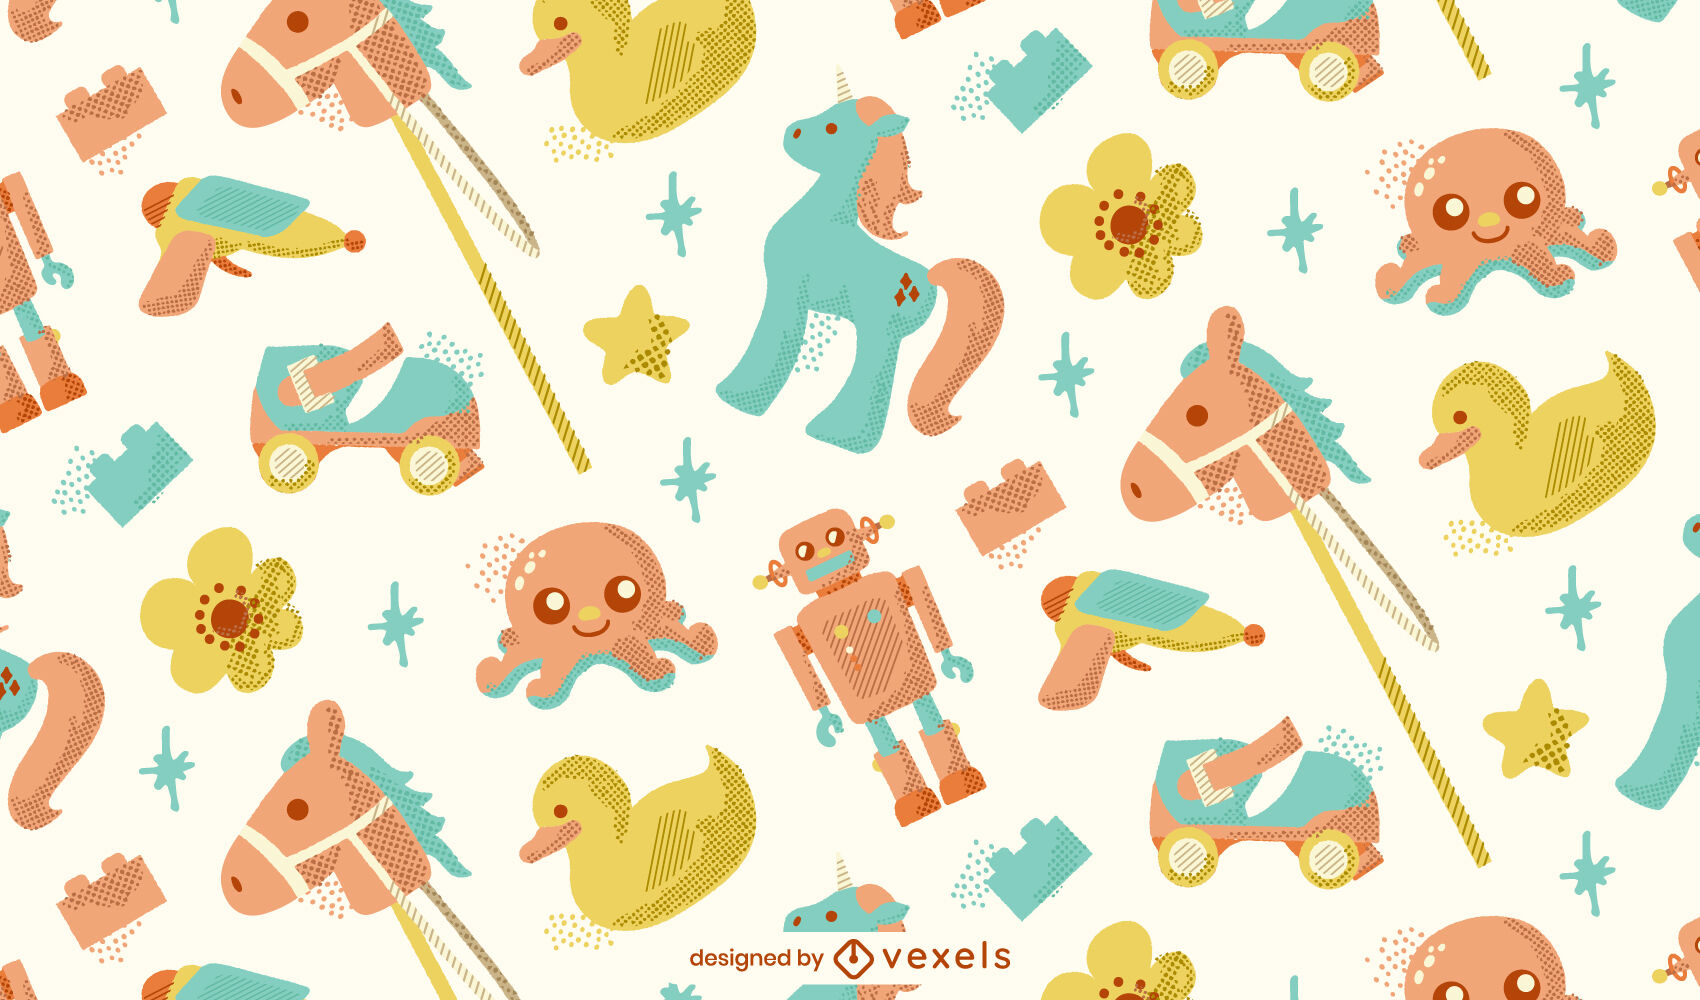 Kid toys textured pattern